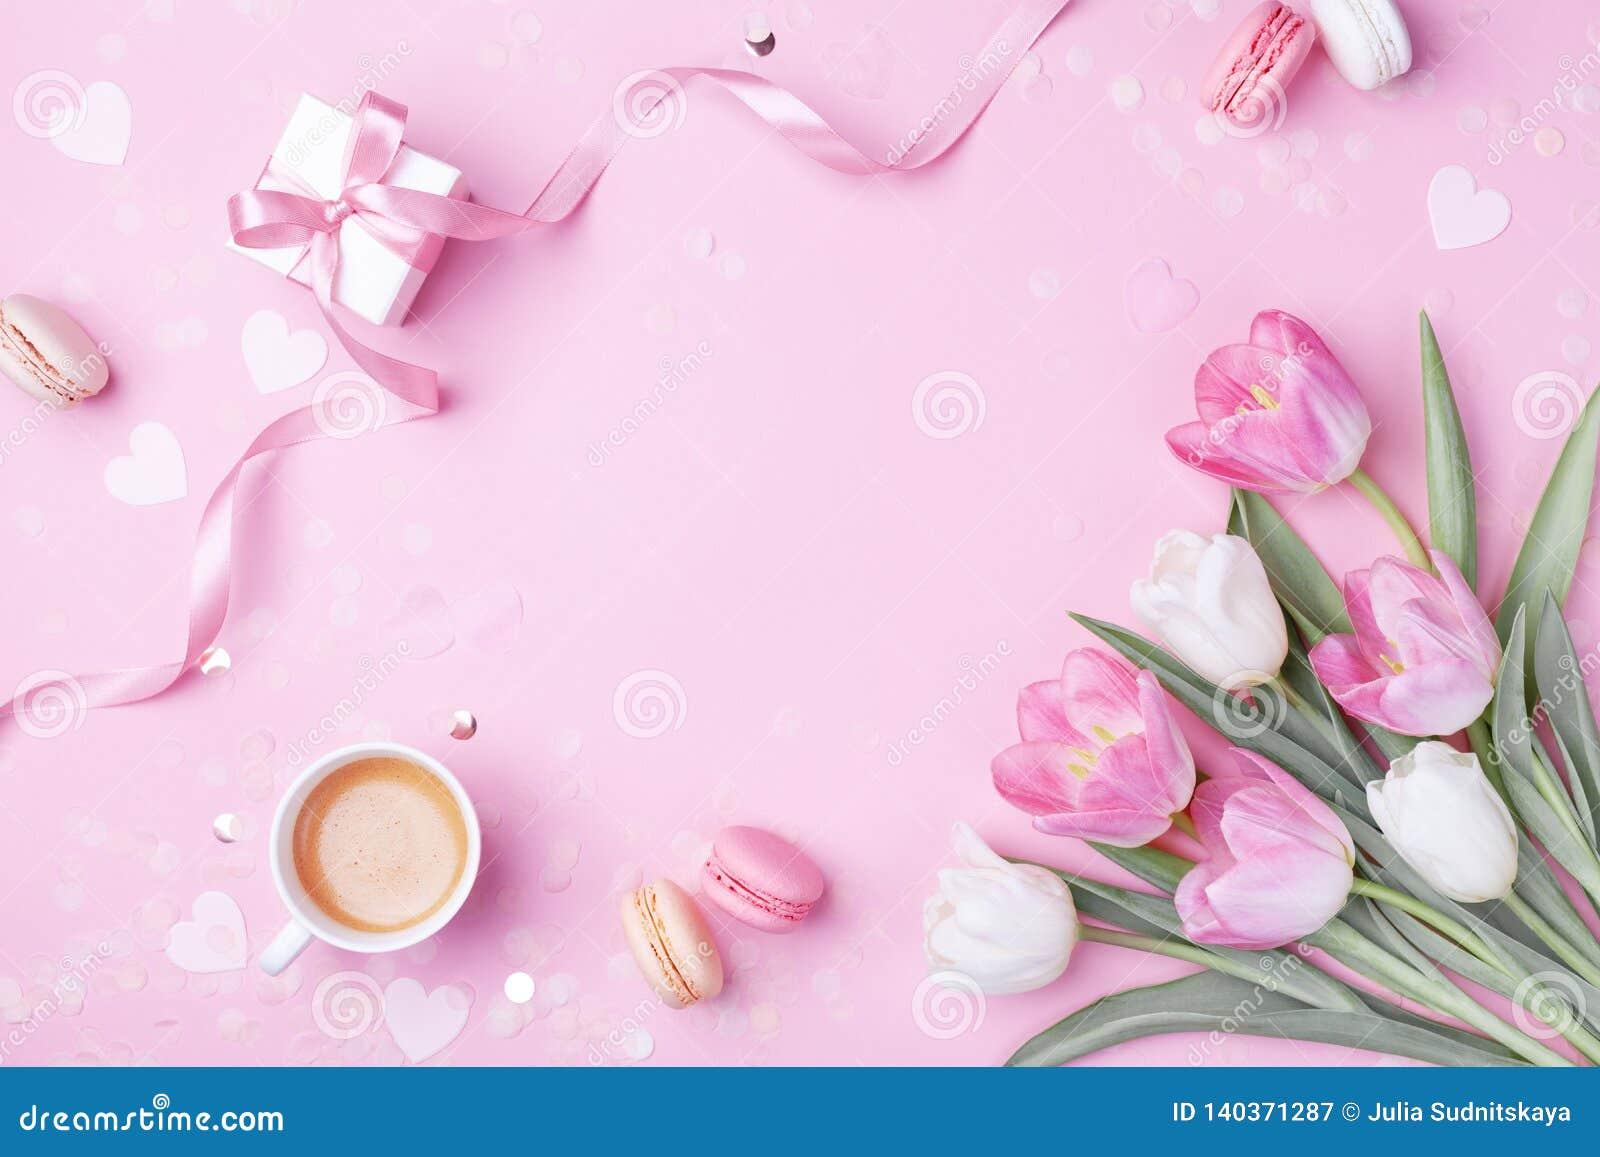 Xícara de café da manhã, macaron do bolo, presente ou caixa e flores atuais da tulipa da mola no rosa Café da manhã para mulheres